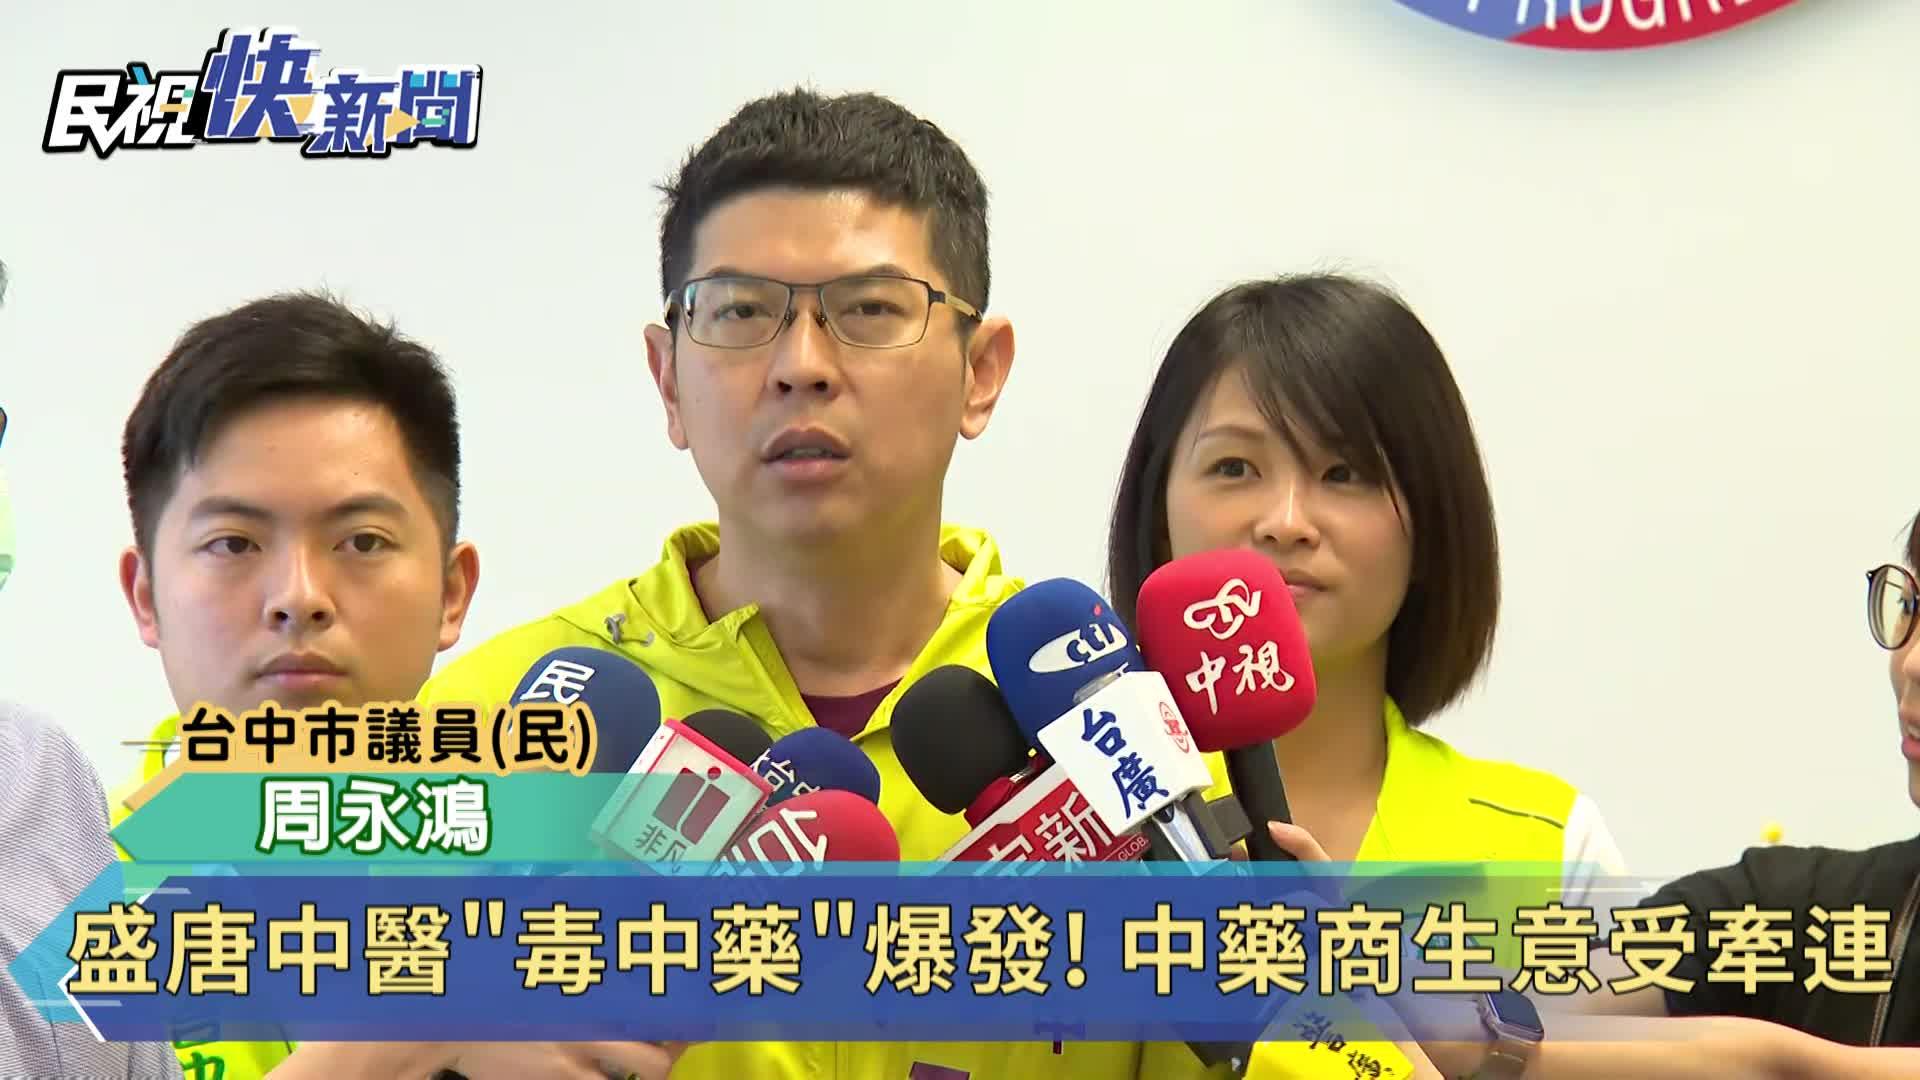 快新聞/【中藥鉛中毒風暴】中市議員籲盧秀燕「硬起來」 擴大檢驗就醫民眾及處方